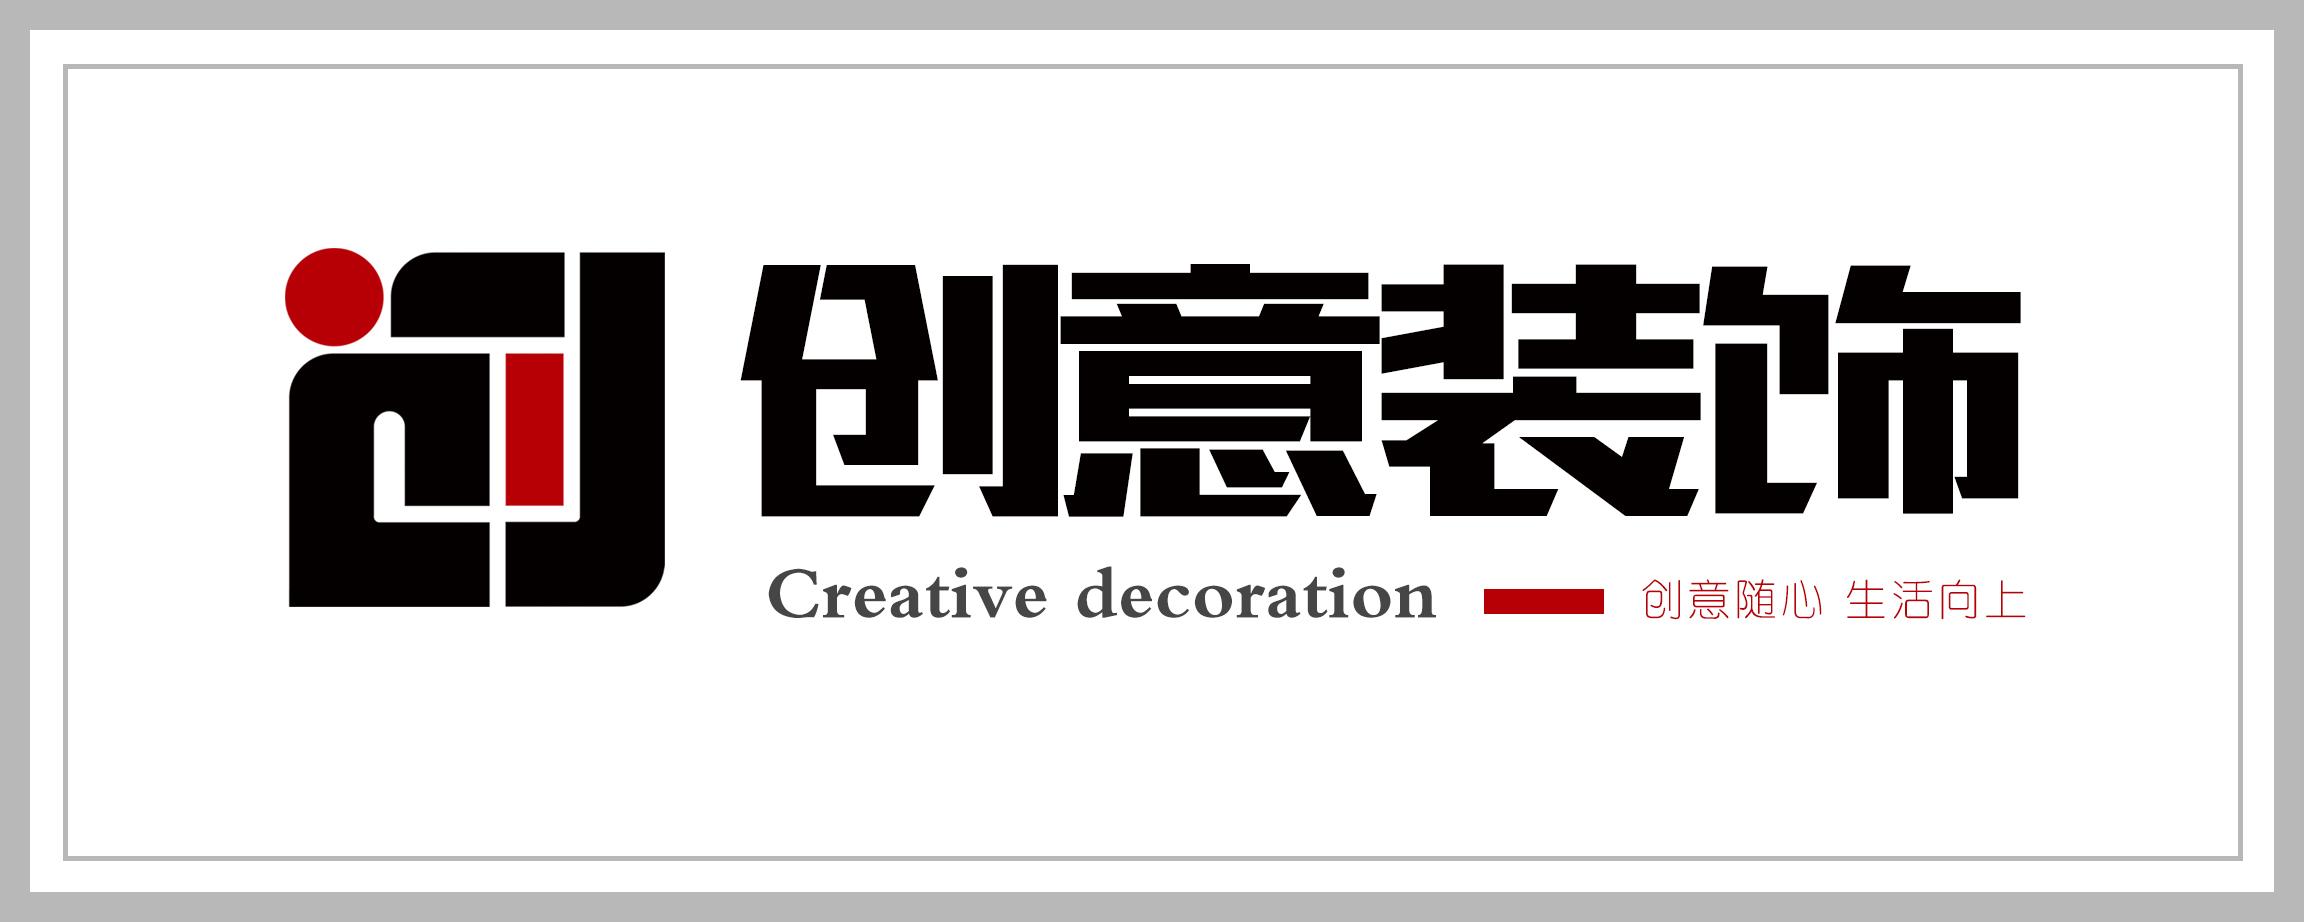 寿光市创意装饰 工程有限公司